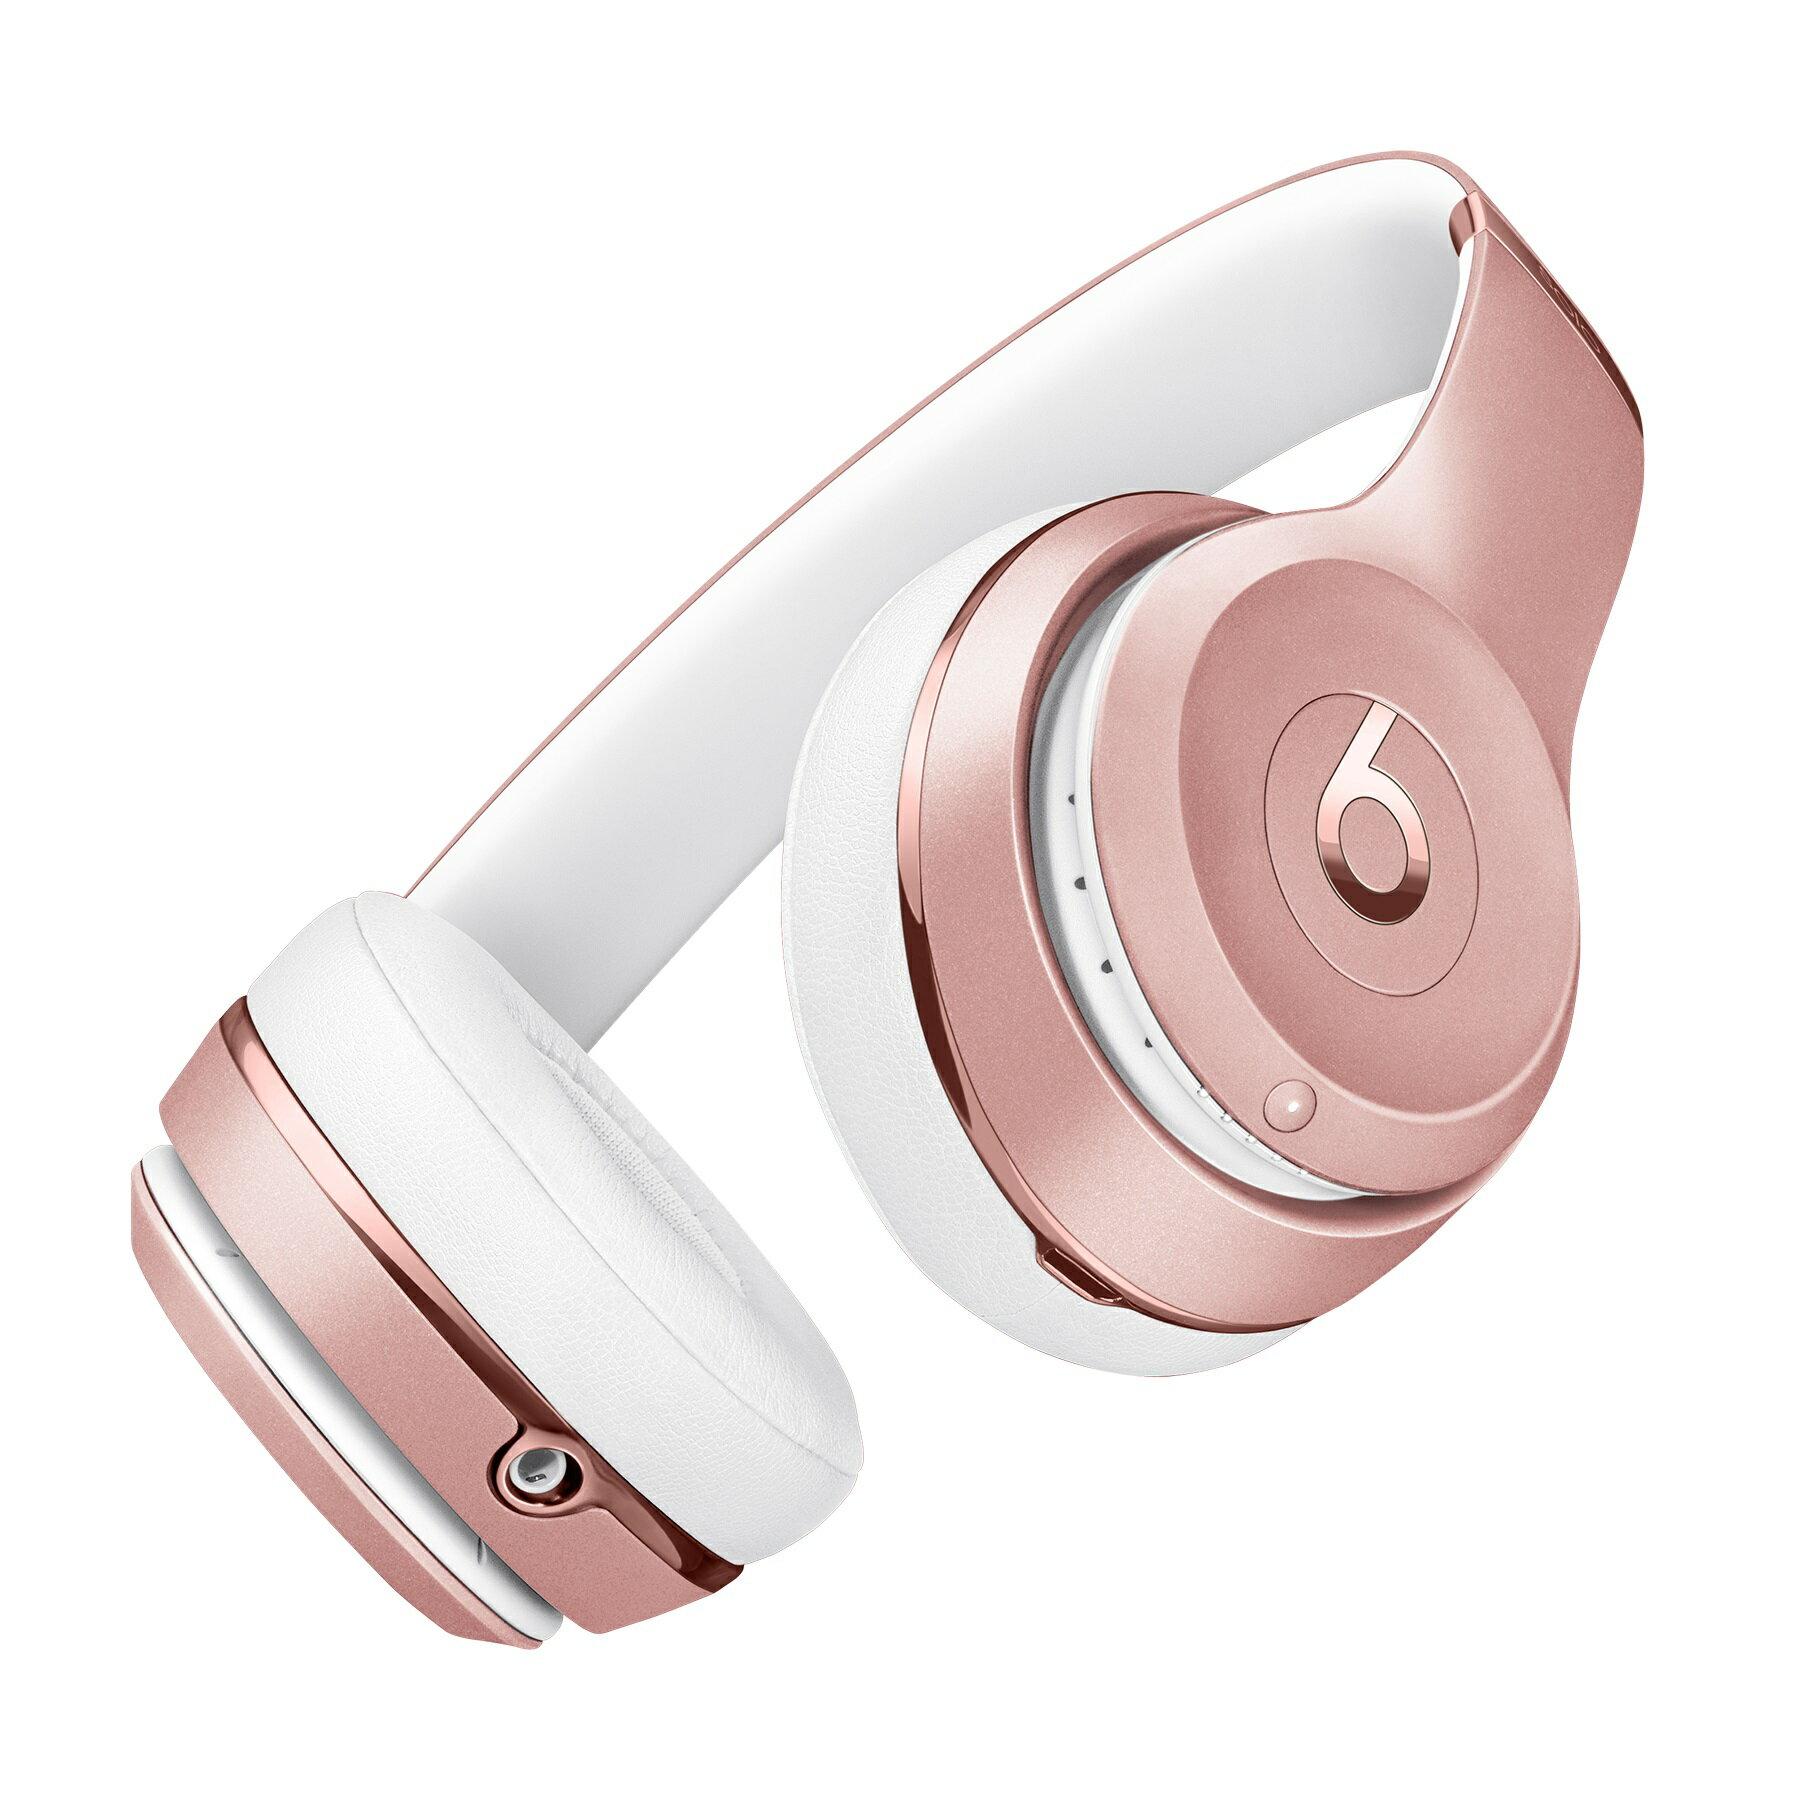 Beats Solo3 Wireless On-Ear Headphones - Rose Gold 1